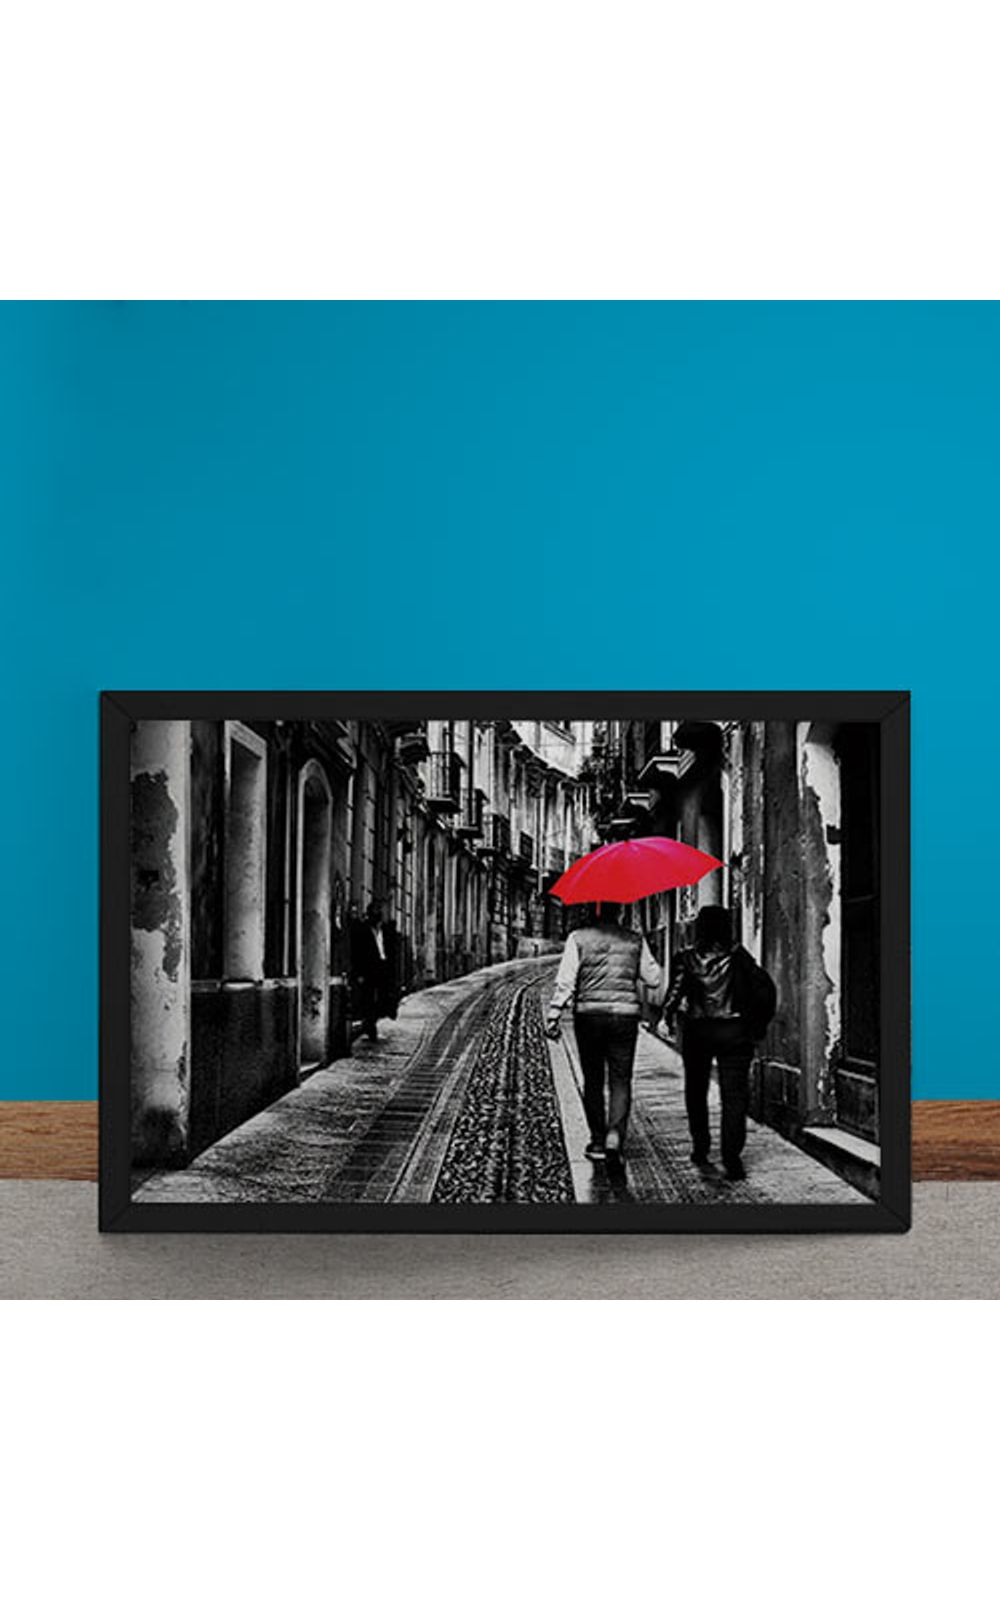 Foto 6 - Quadro Decorativo Casal do Guarda Chuva Vermelho